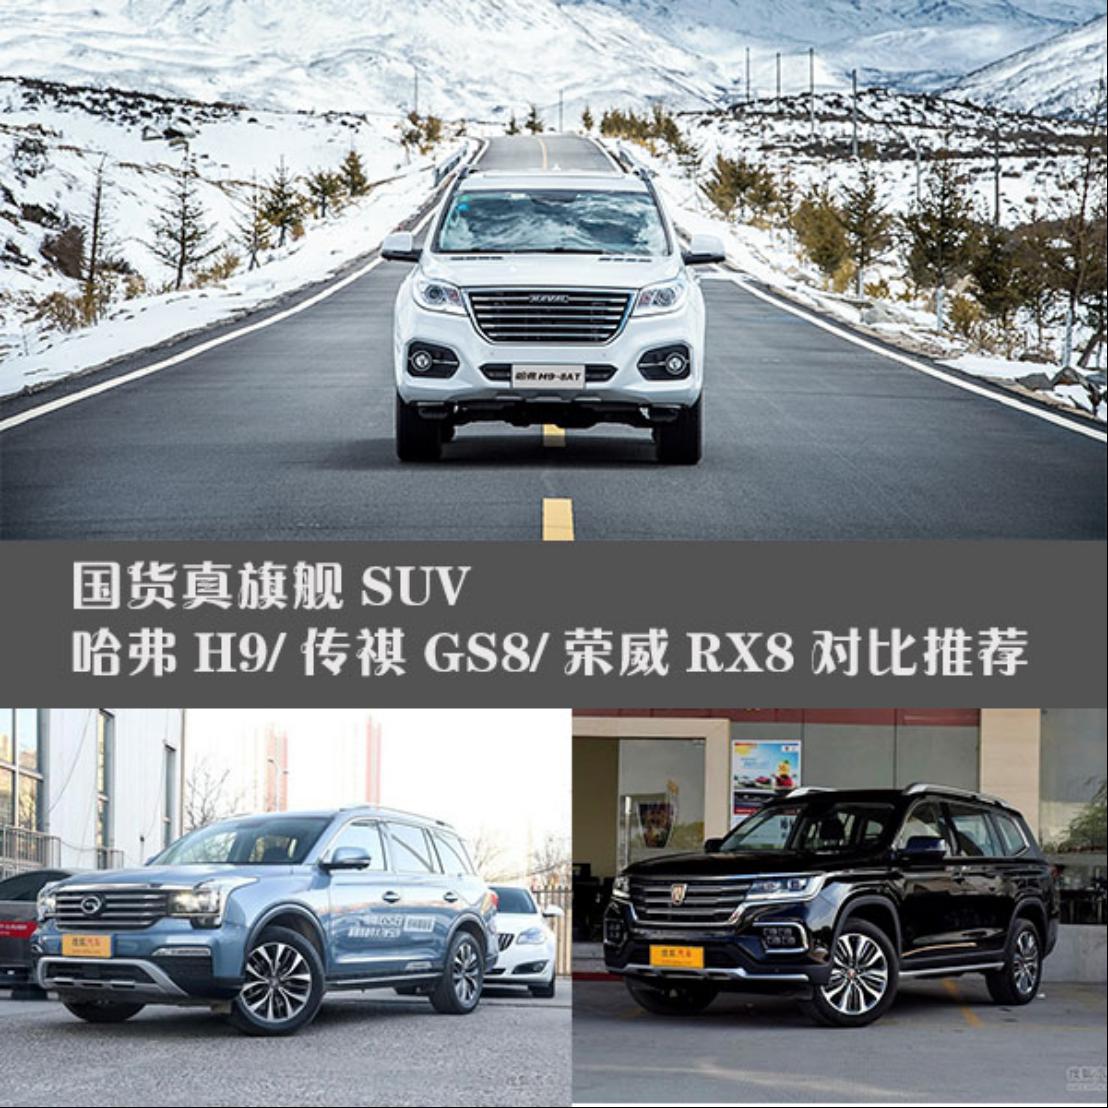 推荐中国旗舰SUV哈弗H9/传祺GS8/荣威RX8